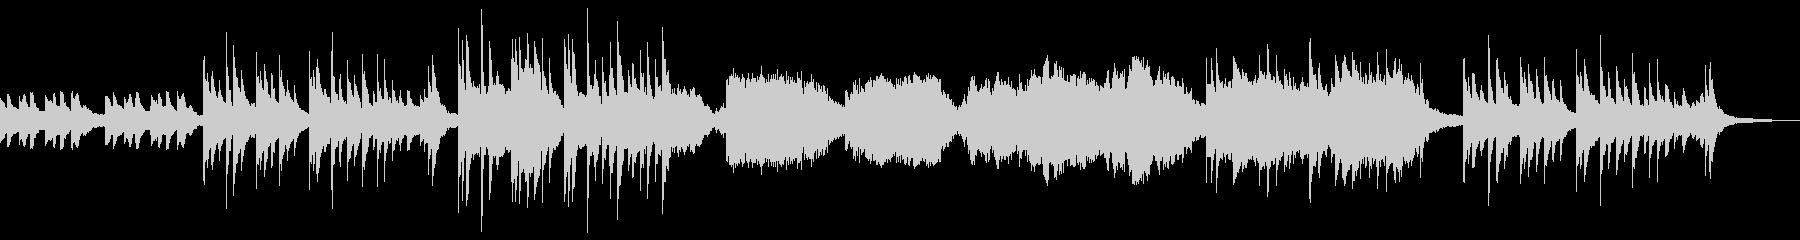 現代的 交響曲 ドラマチック ロマ...の未再生の波形